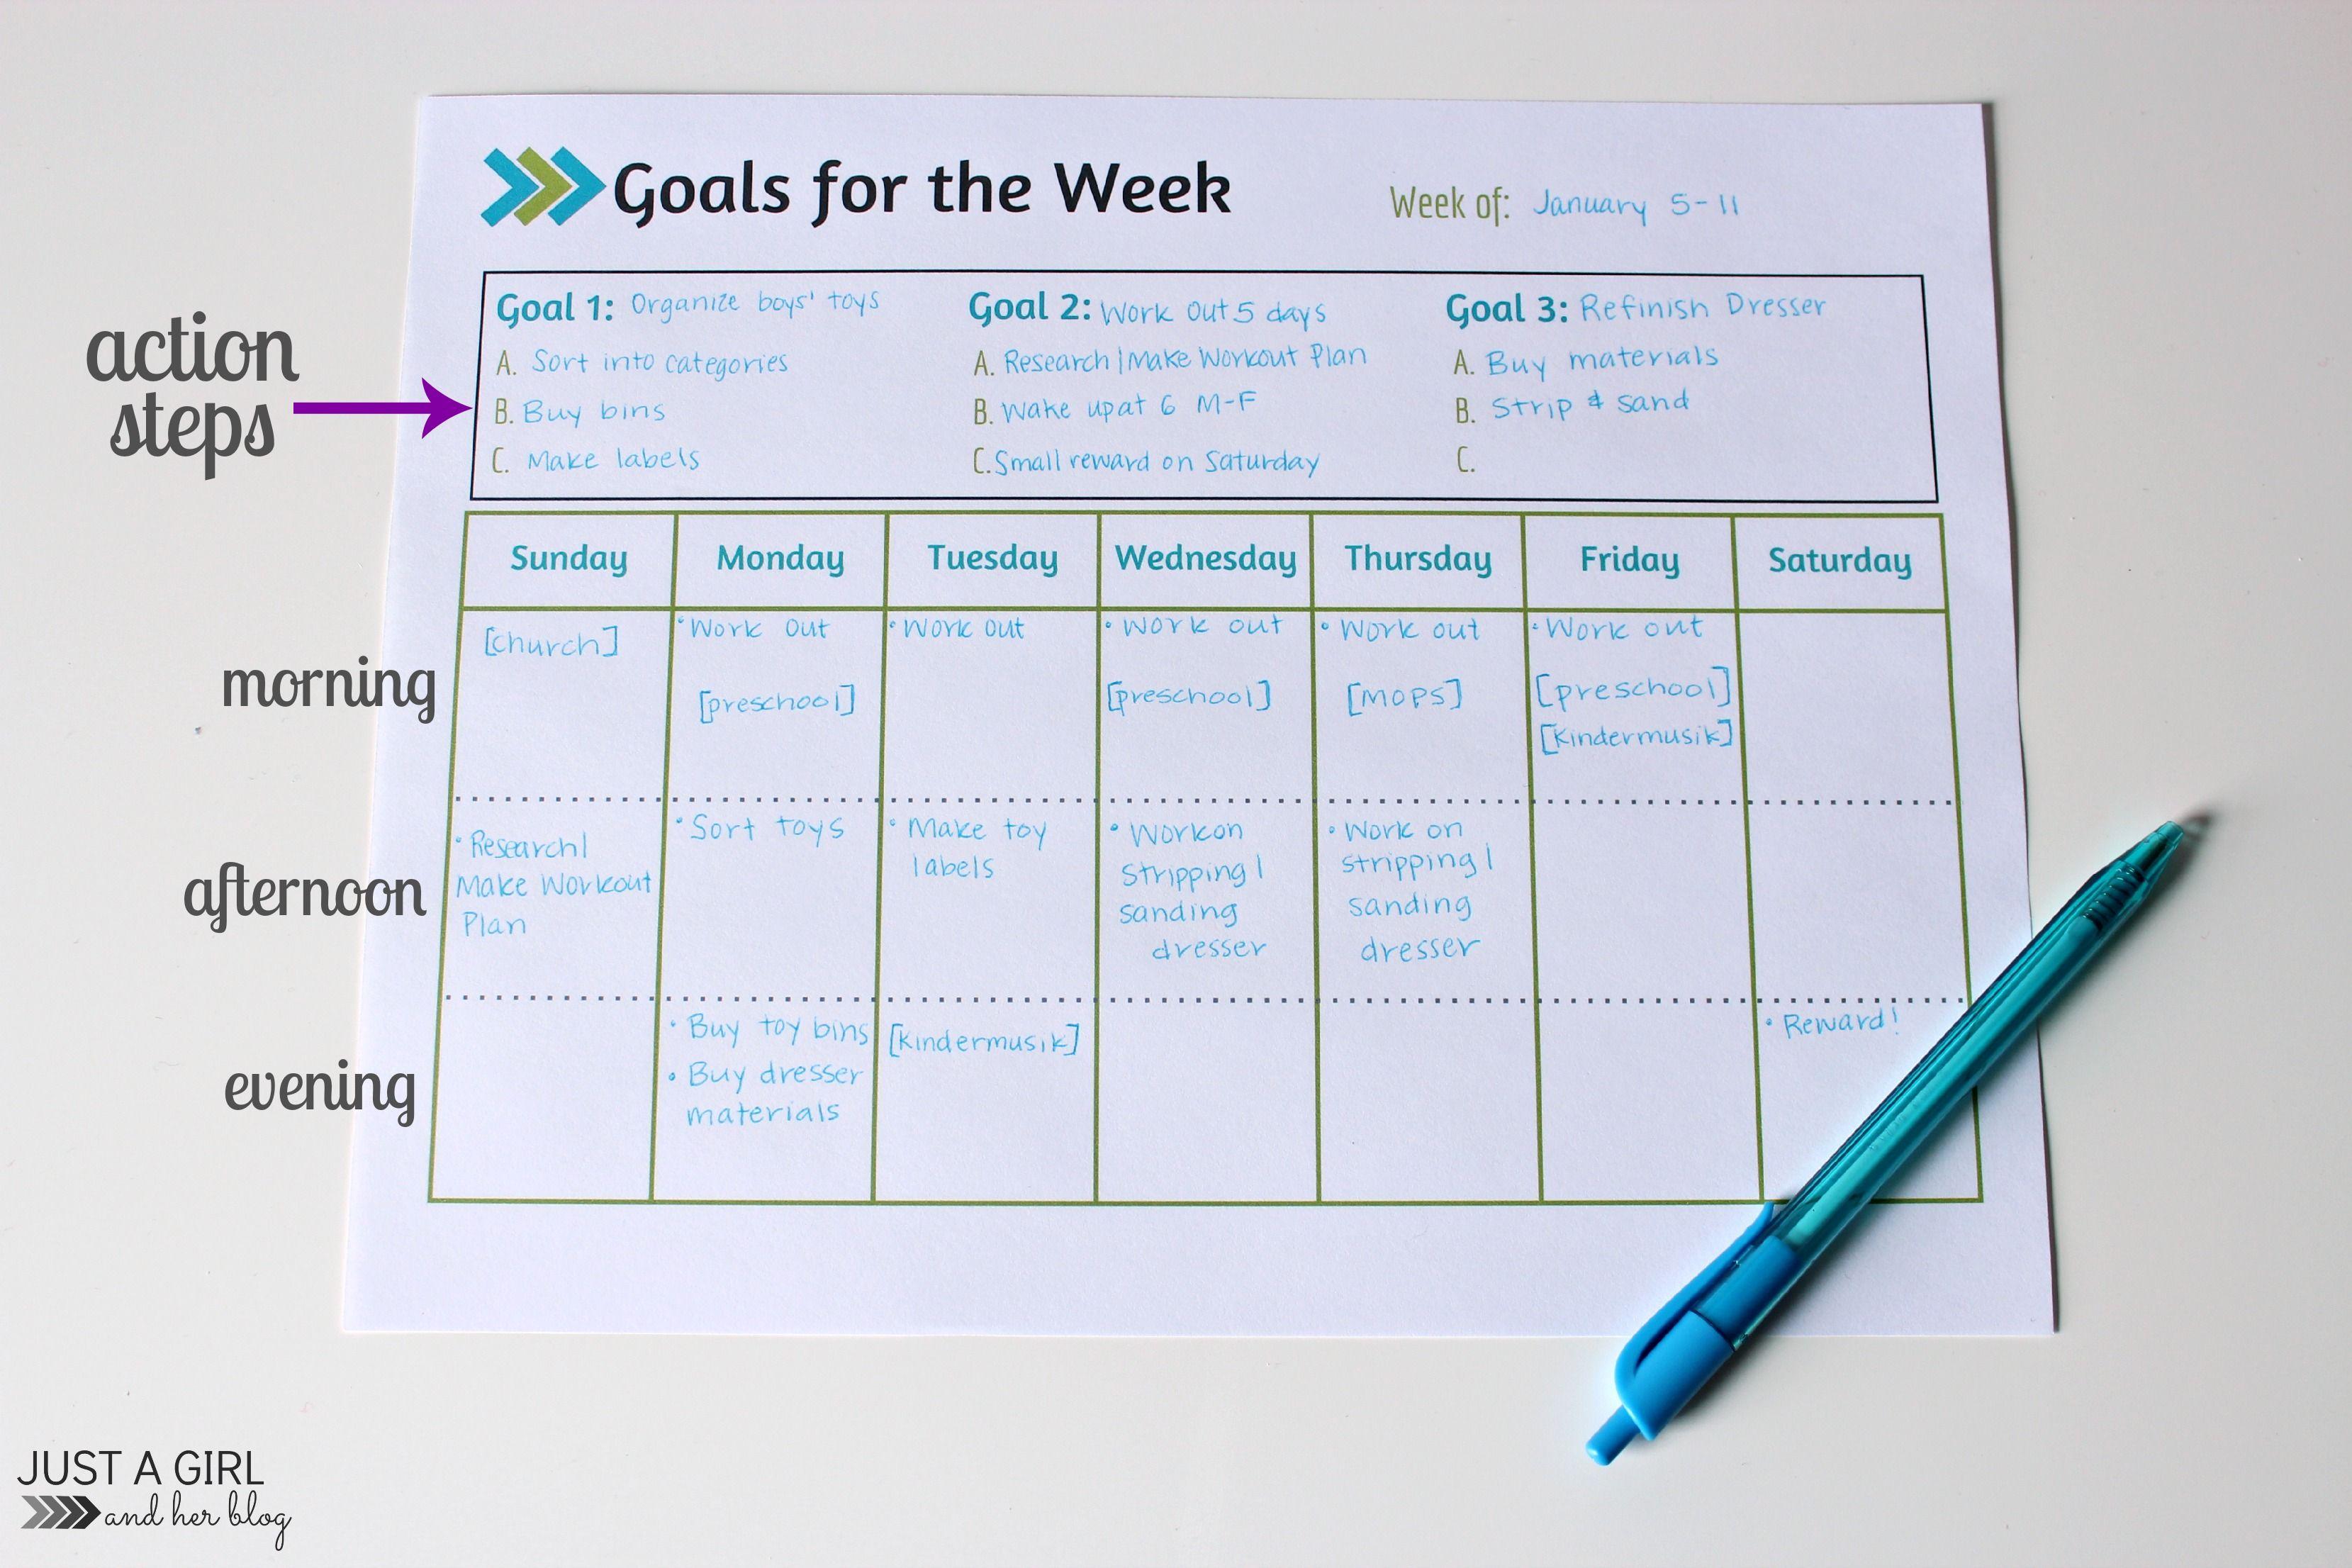 Weekly Goals Printable  Free Printable  Goals Printable Free